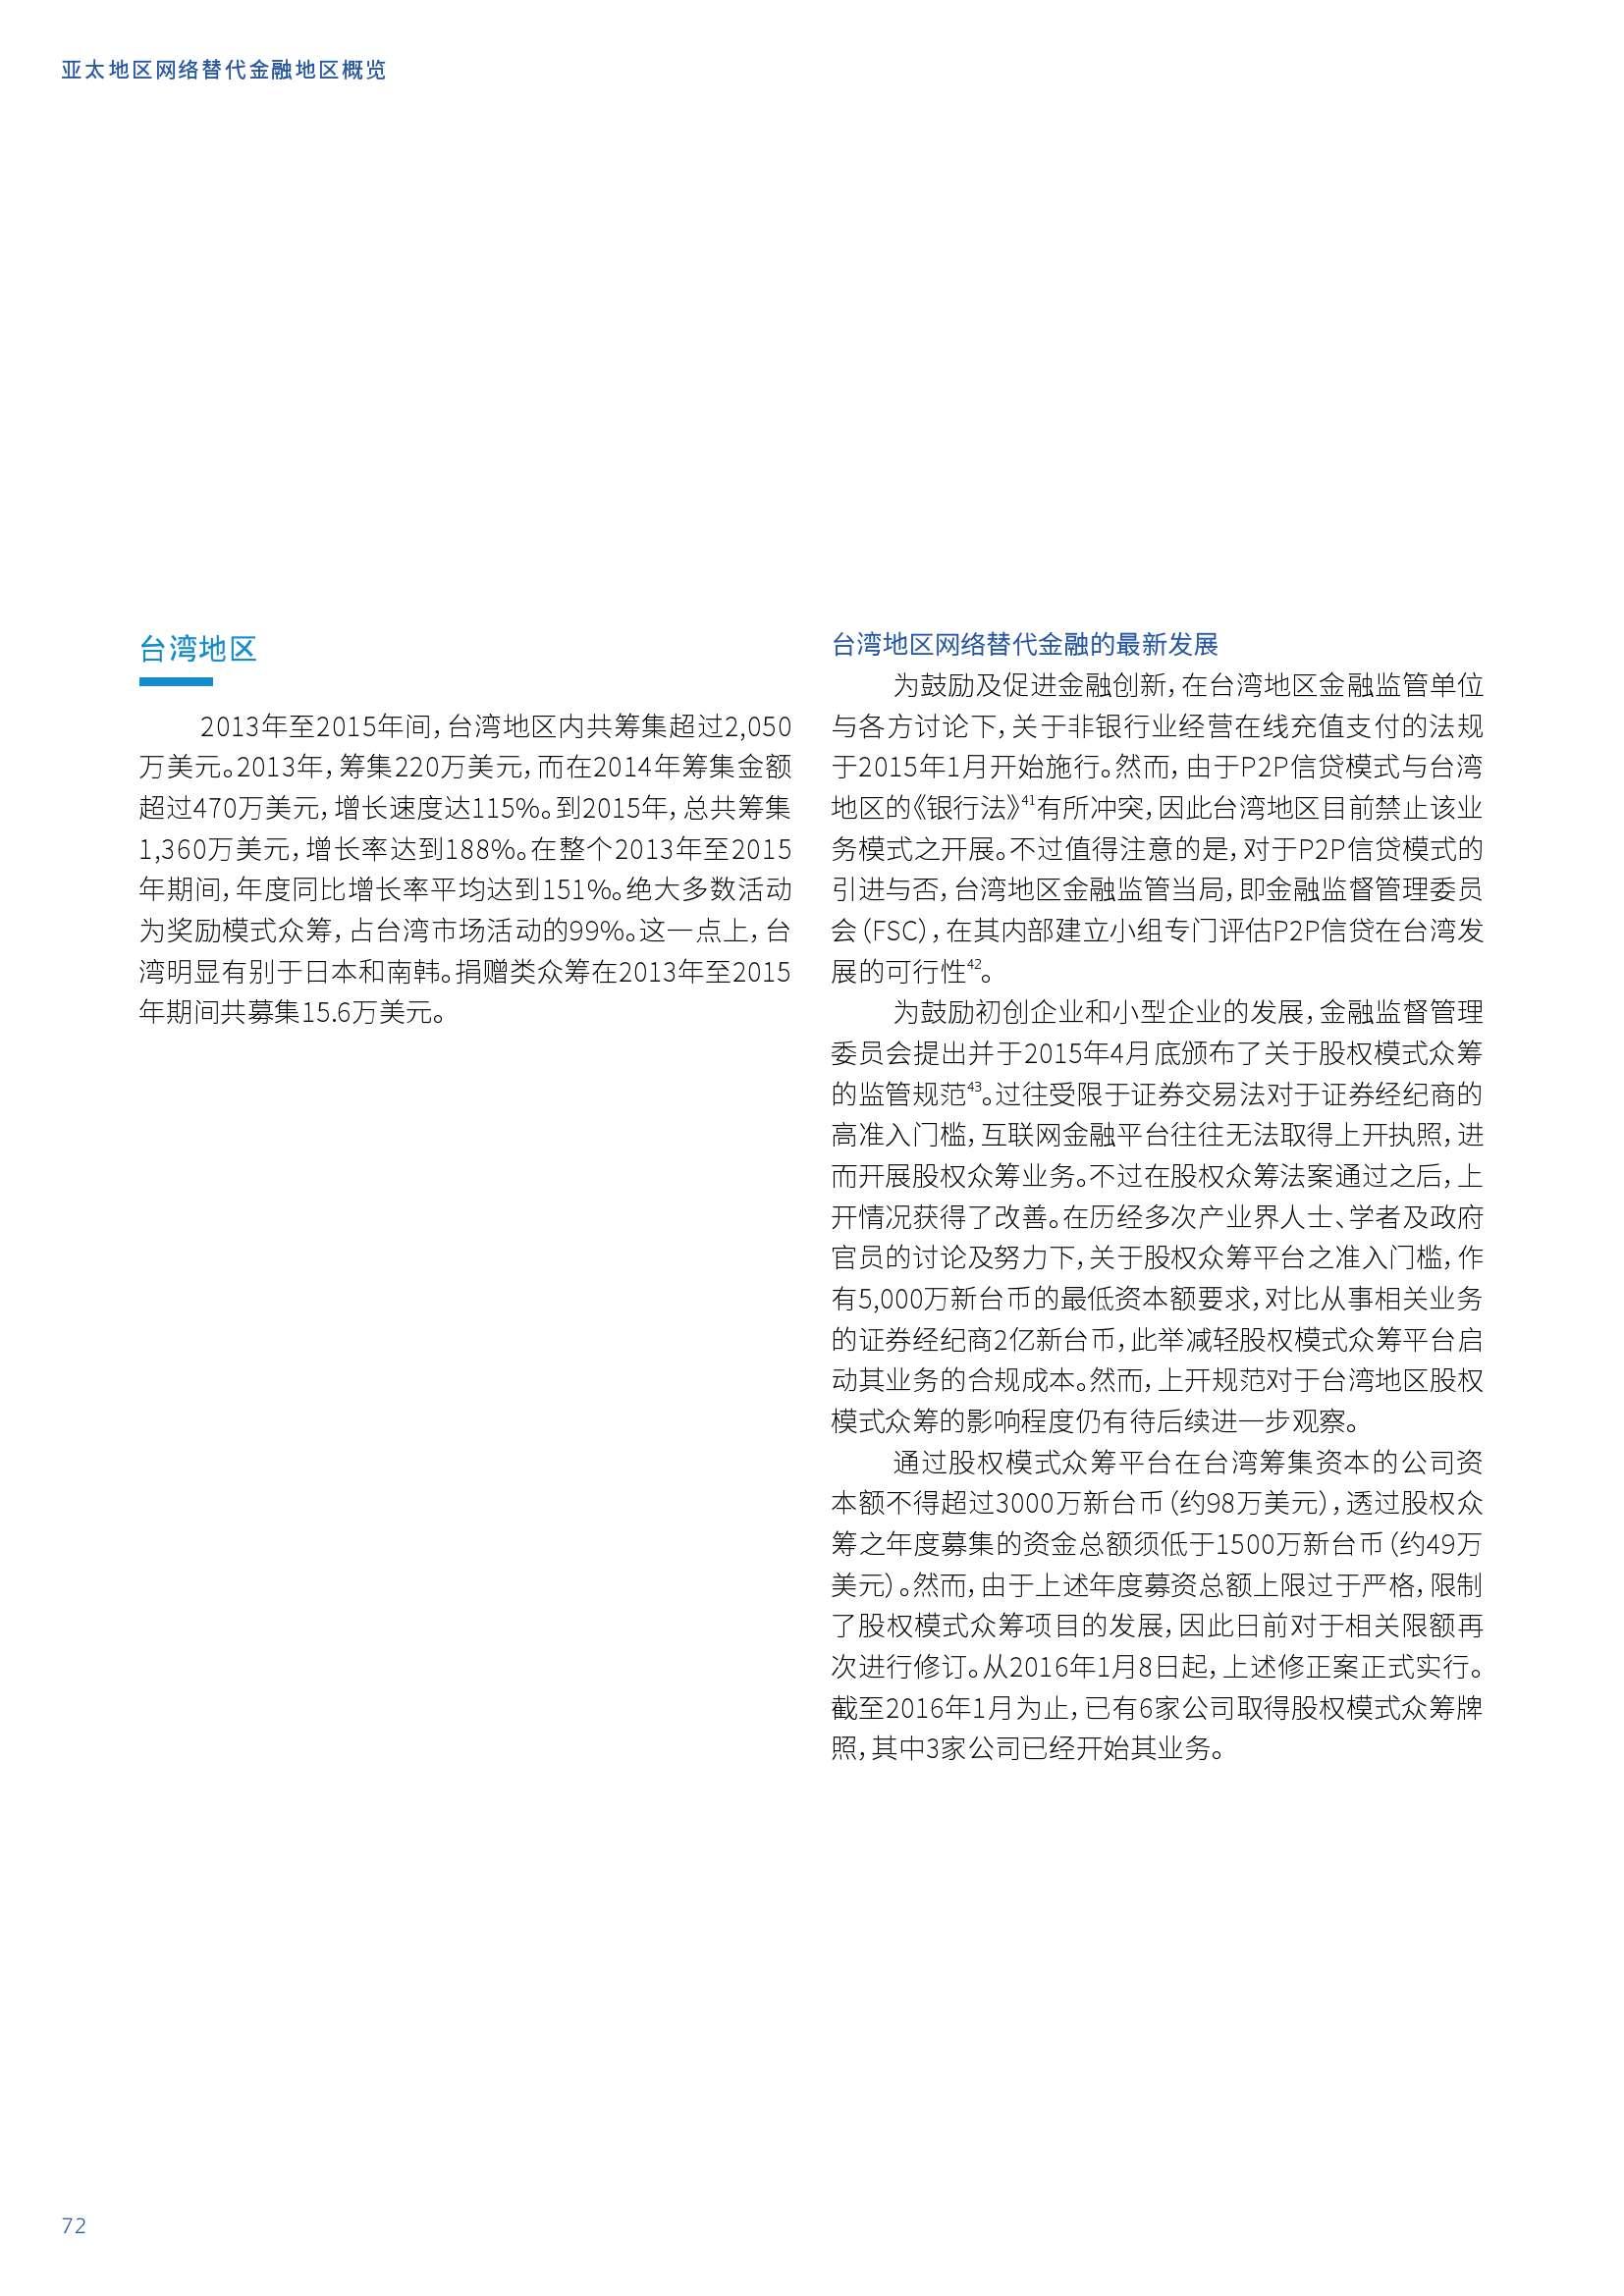 亚太地区网络替代金融基准报告_000072